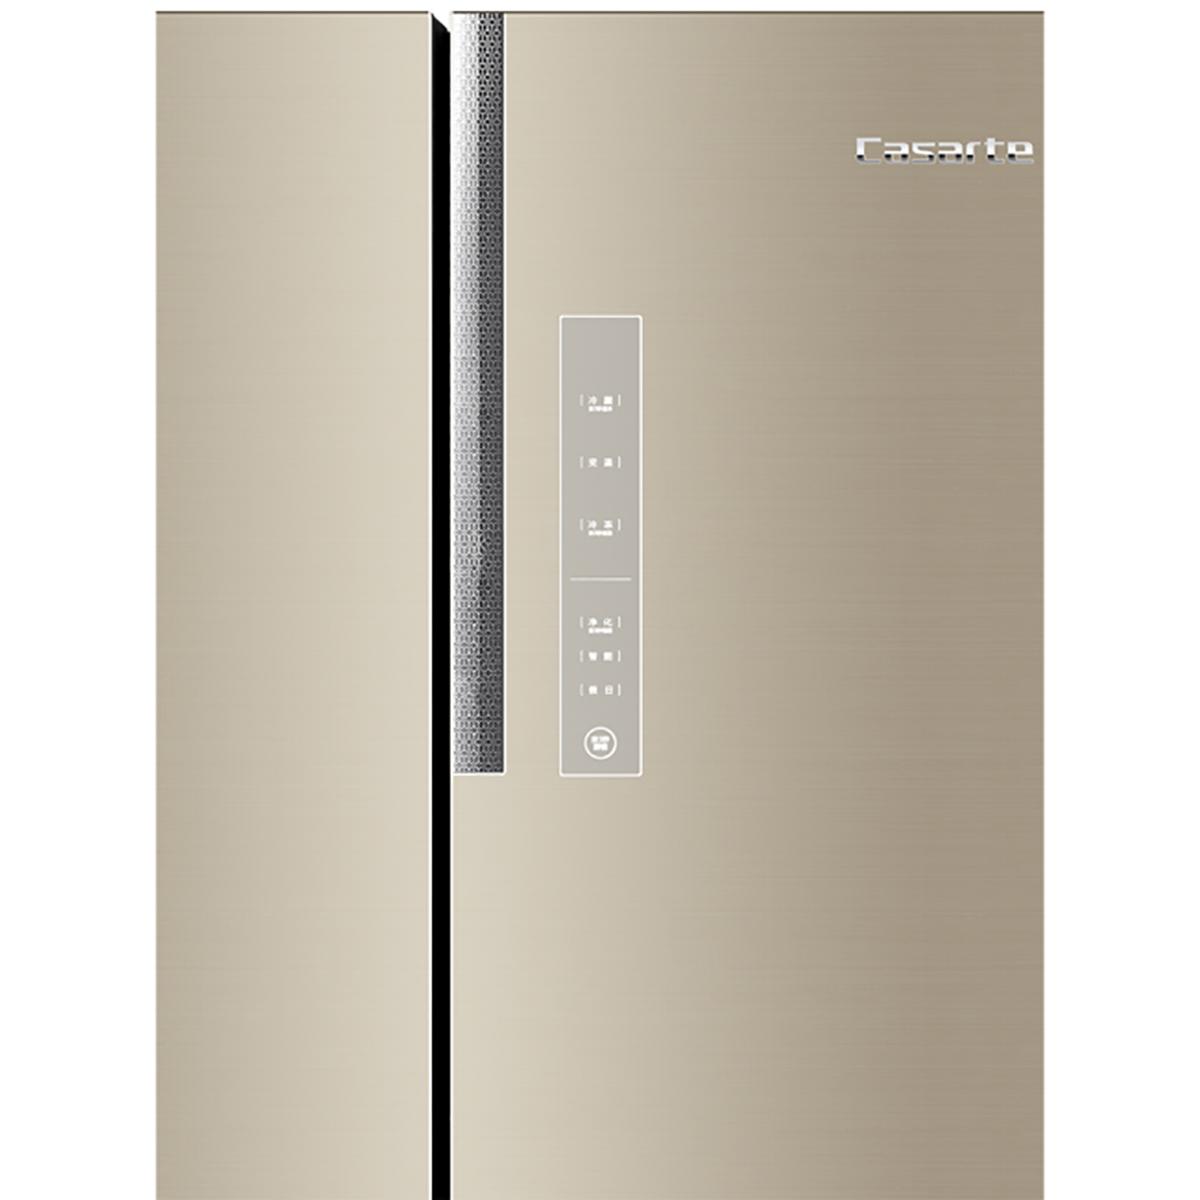 Casarte/卡萨帝                         冰箱                         BCD-455WDCLU1